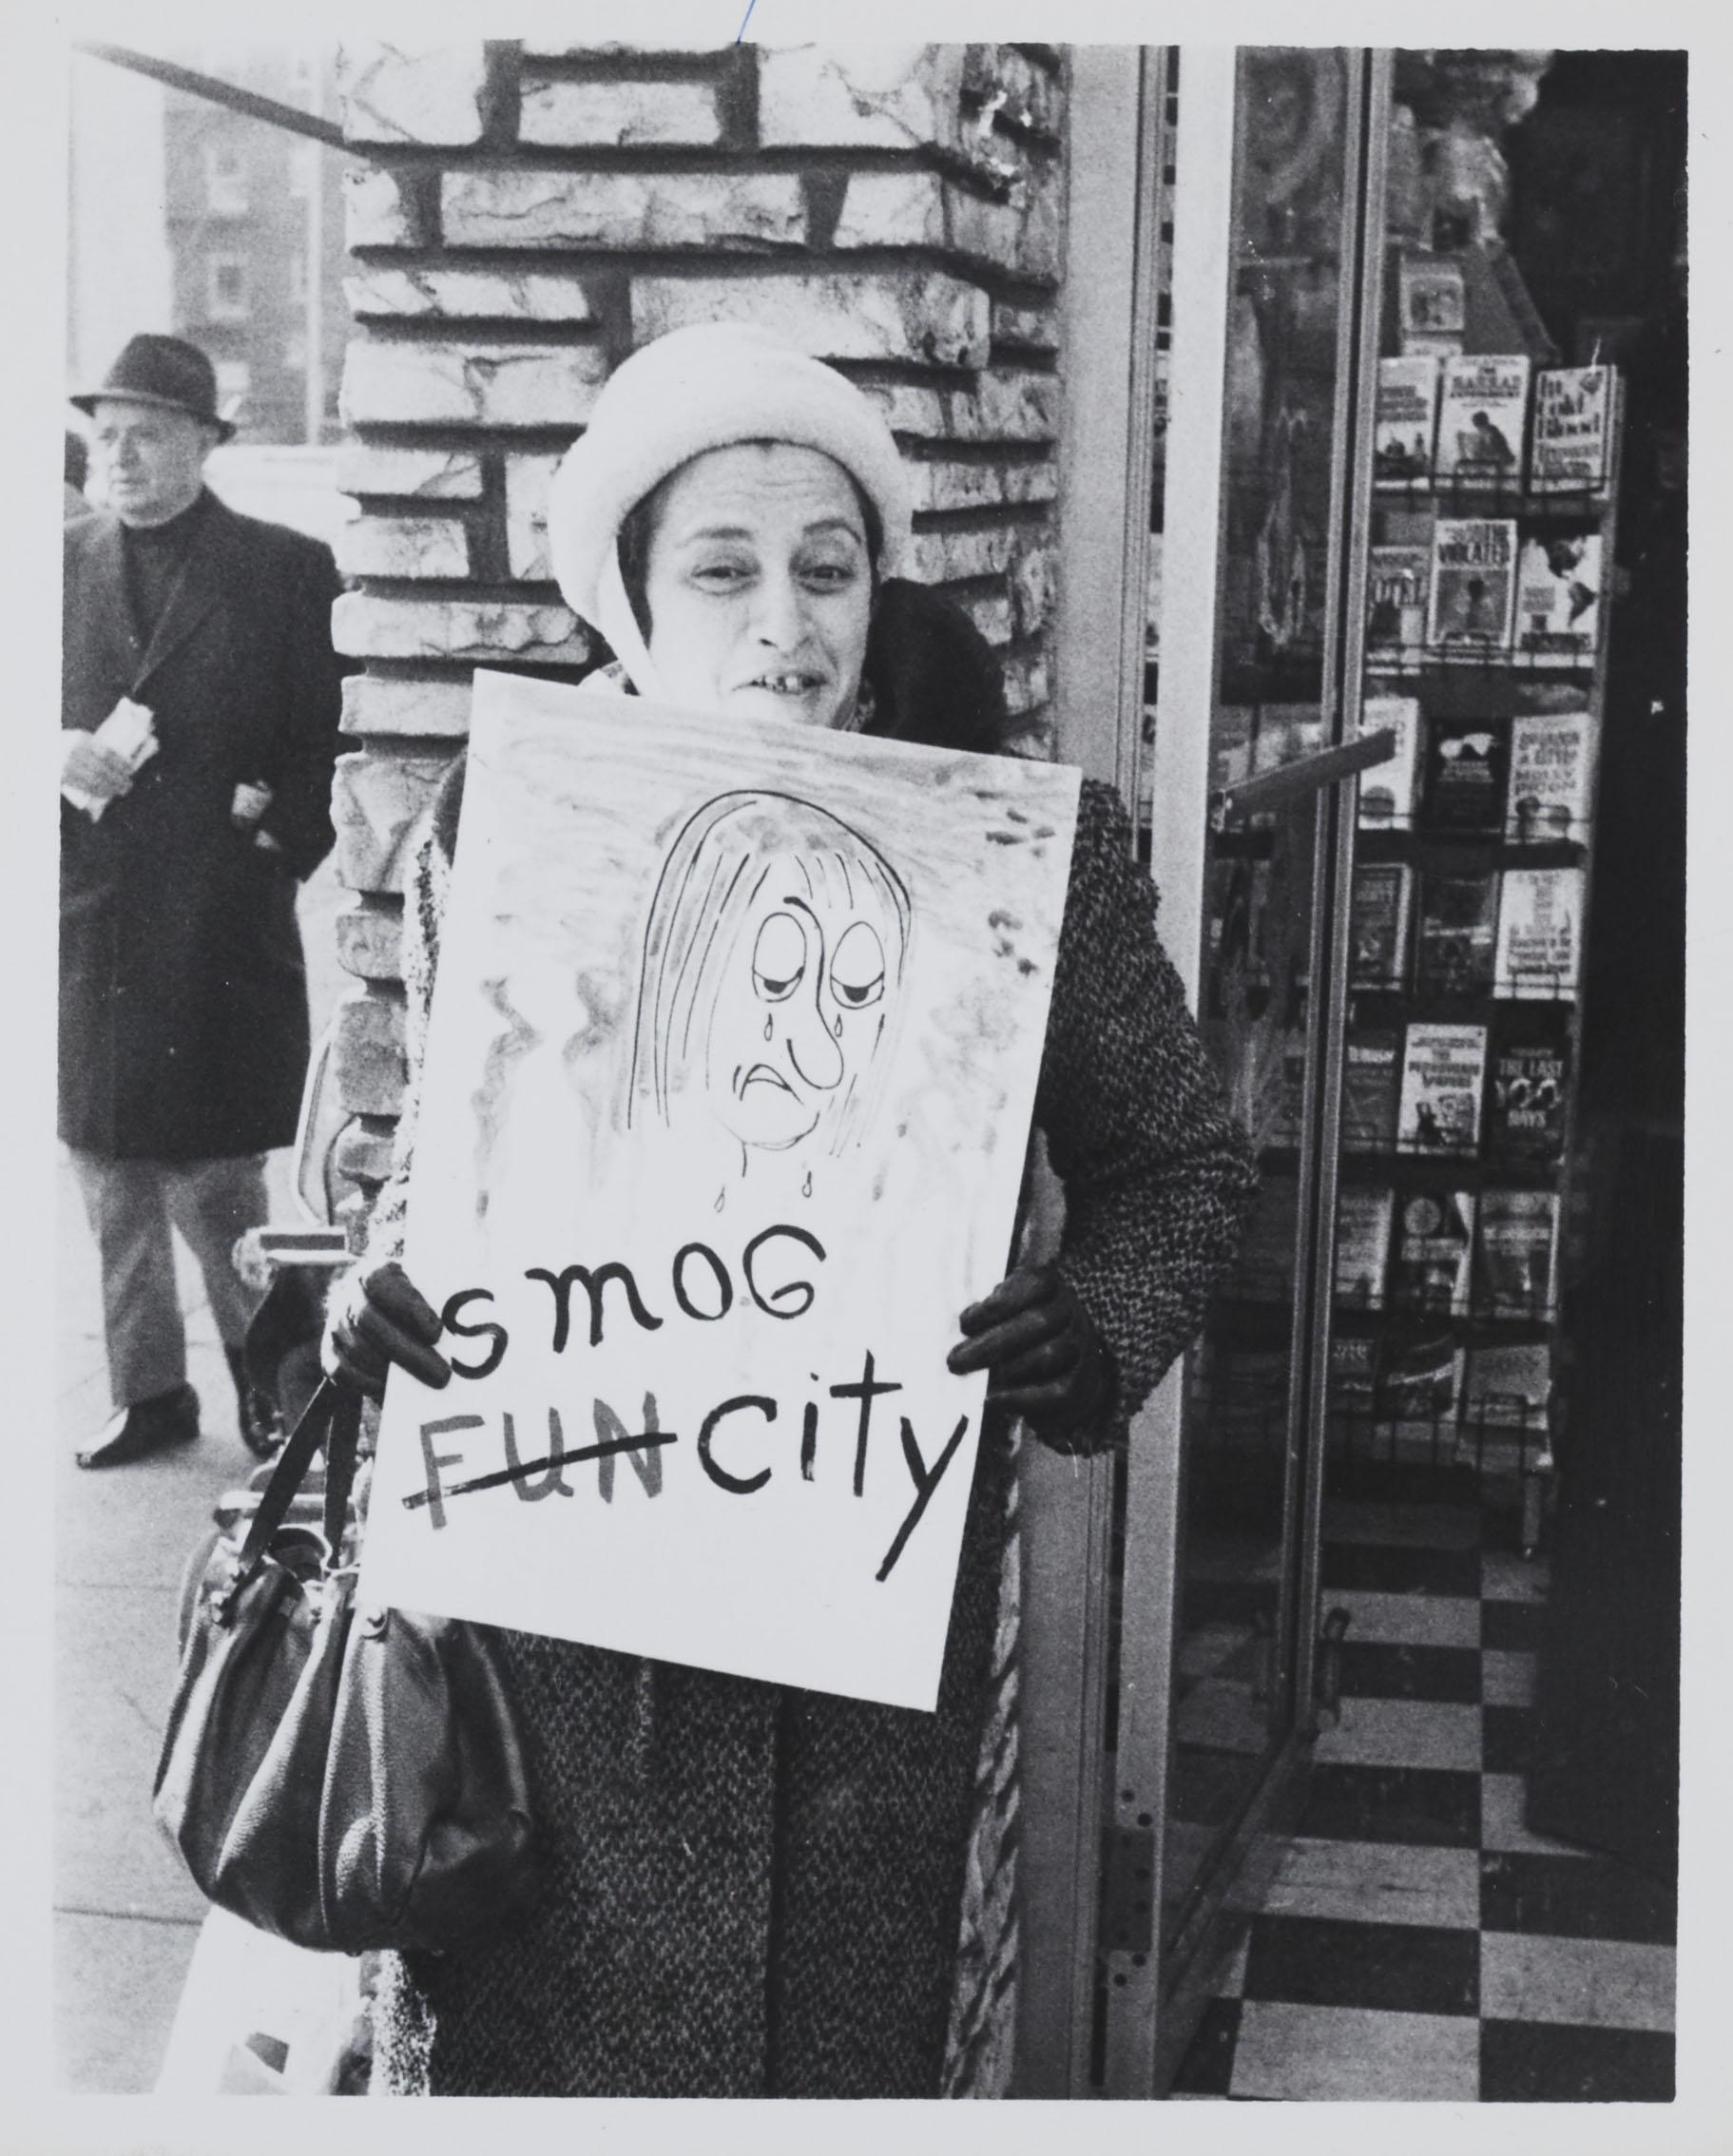 Smog City - Anti-Smog Parade, January 20, 1967